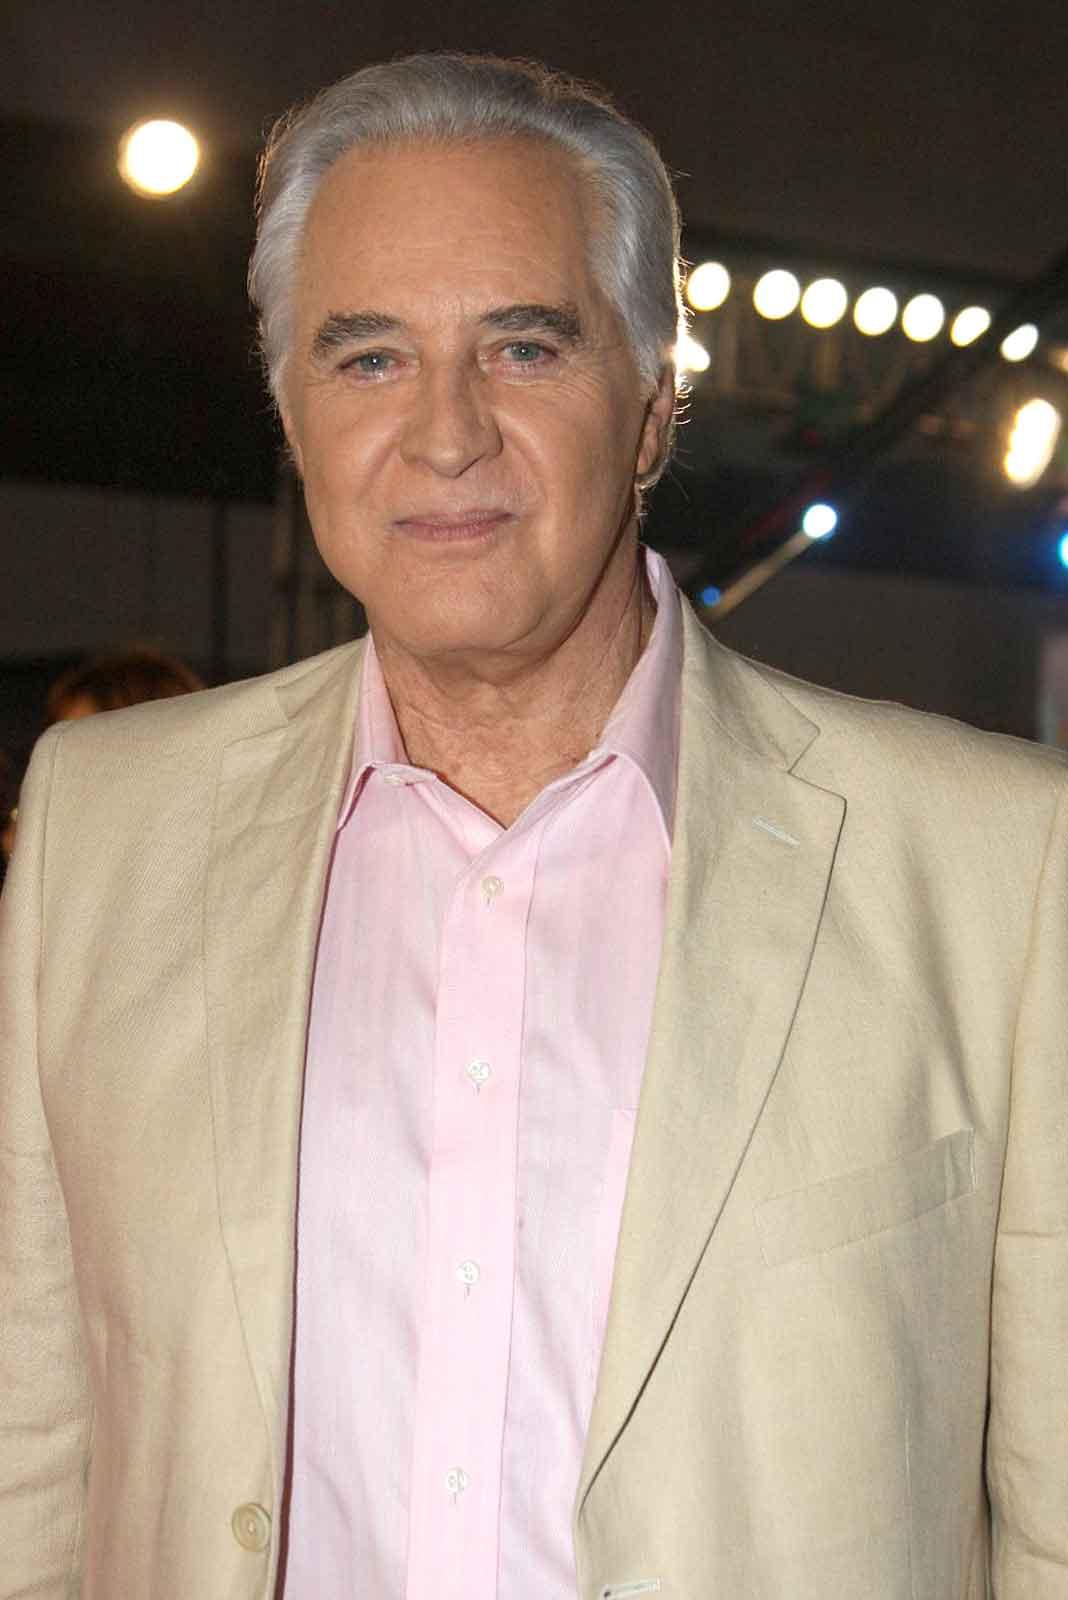 El actor tenía 81 años y fue uno de los galanes más queridos de su generación